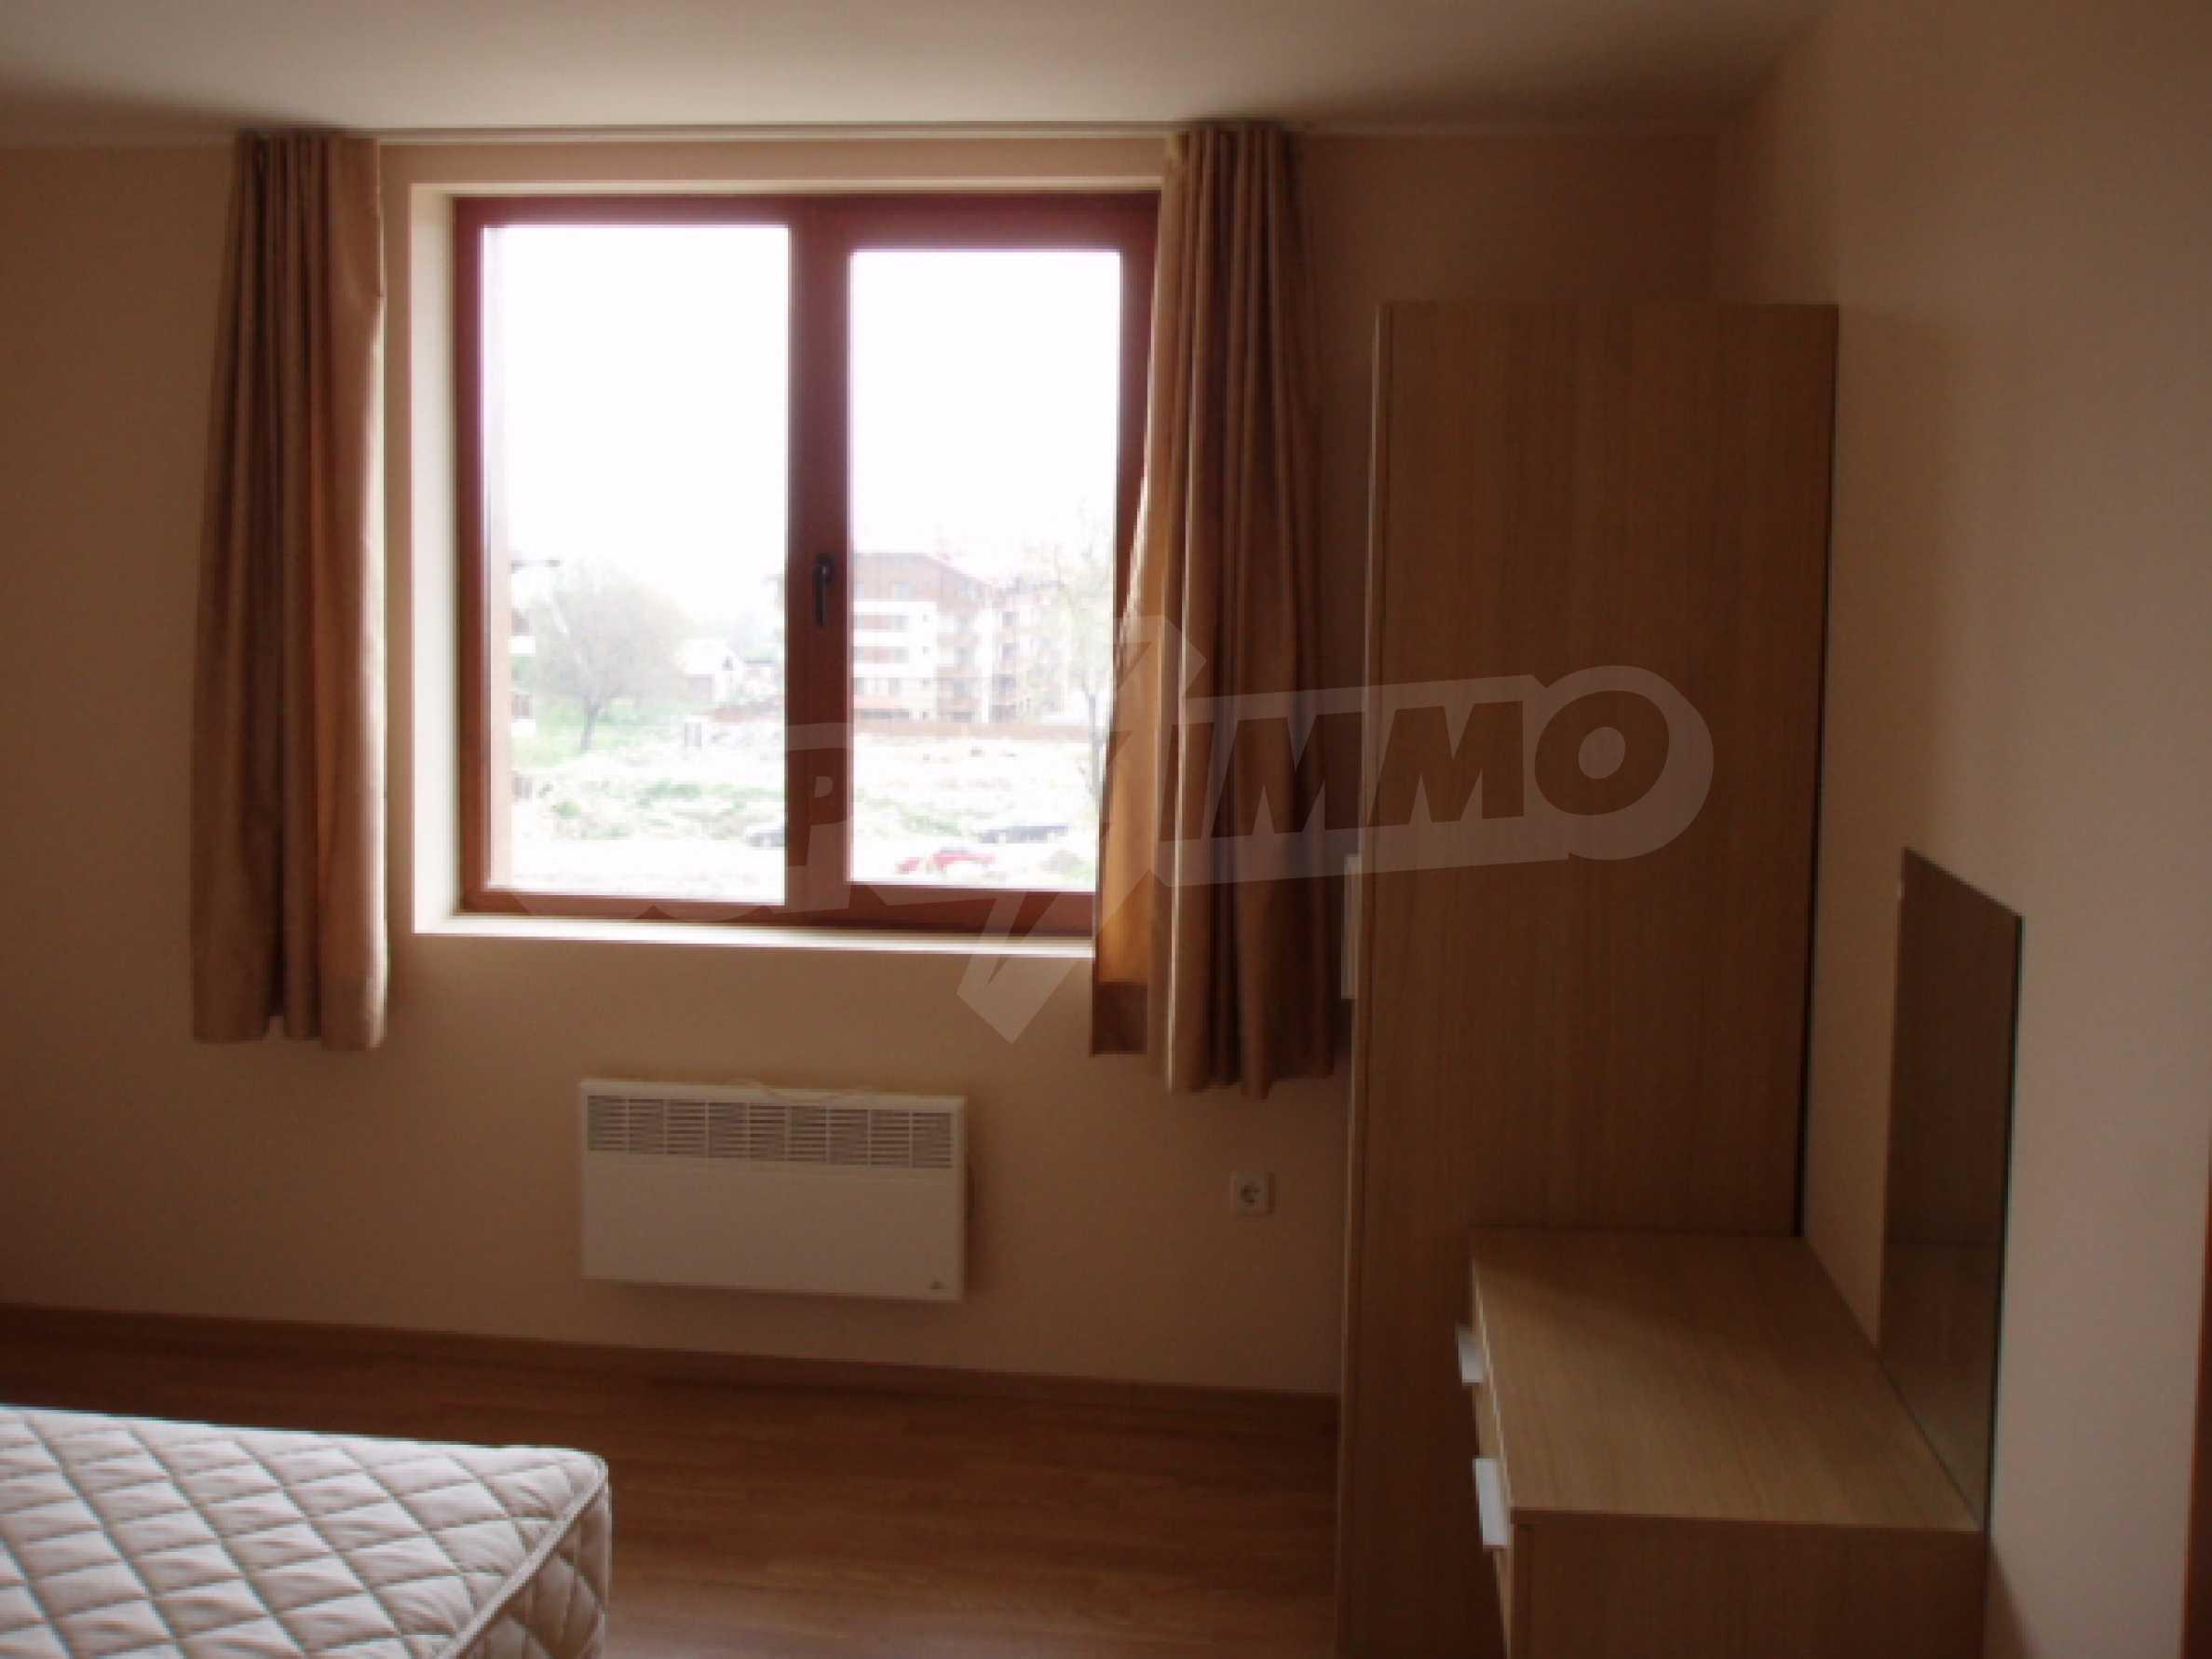 Тристаен апартамент за продажба в гр. Банско 6